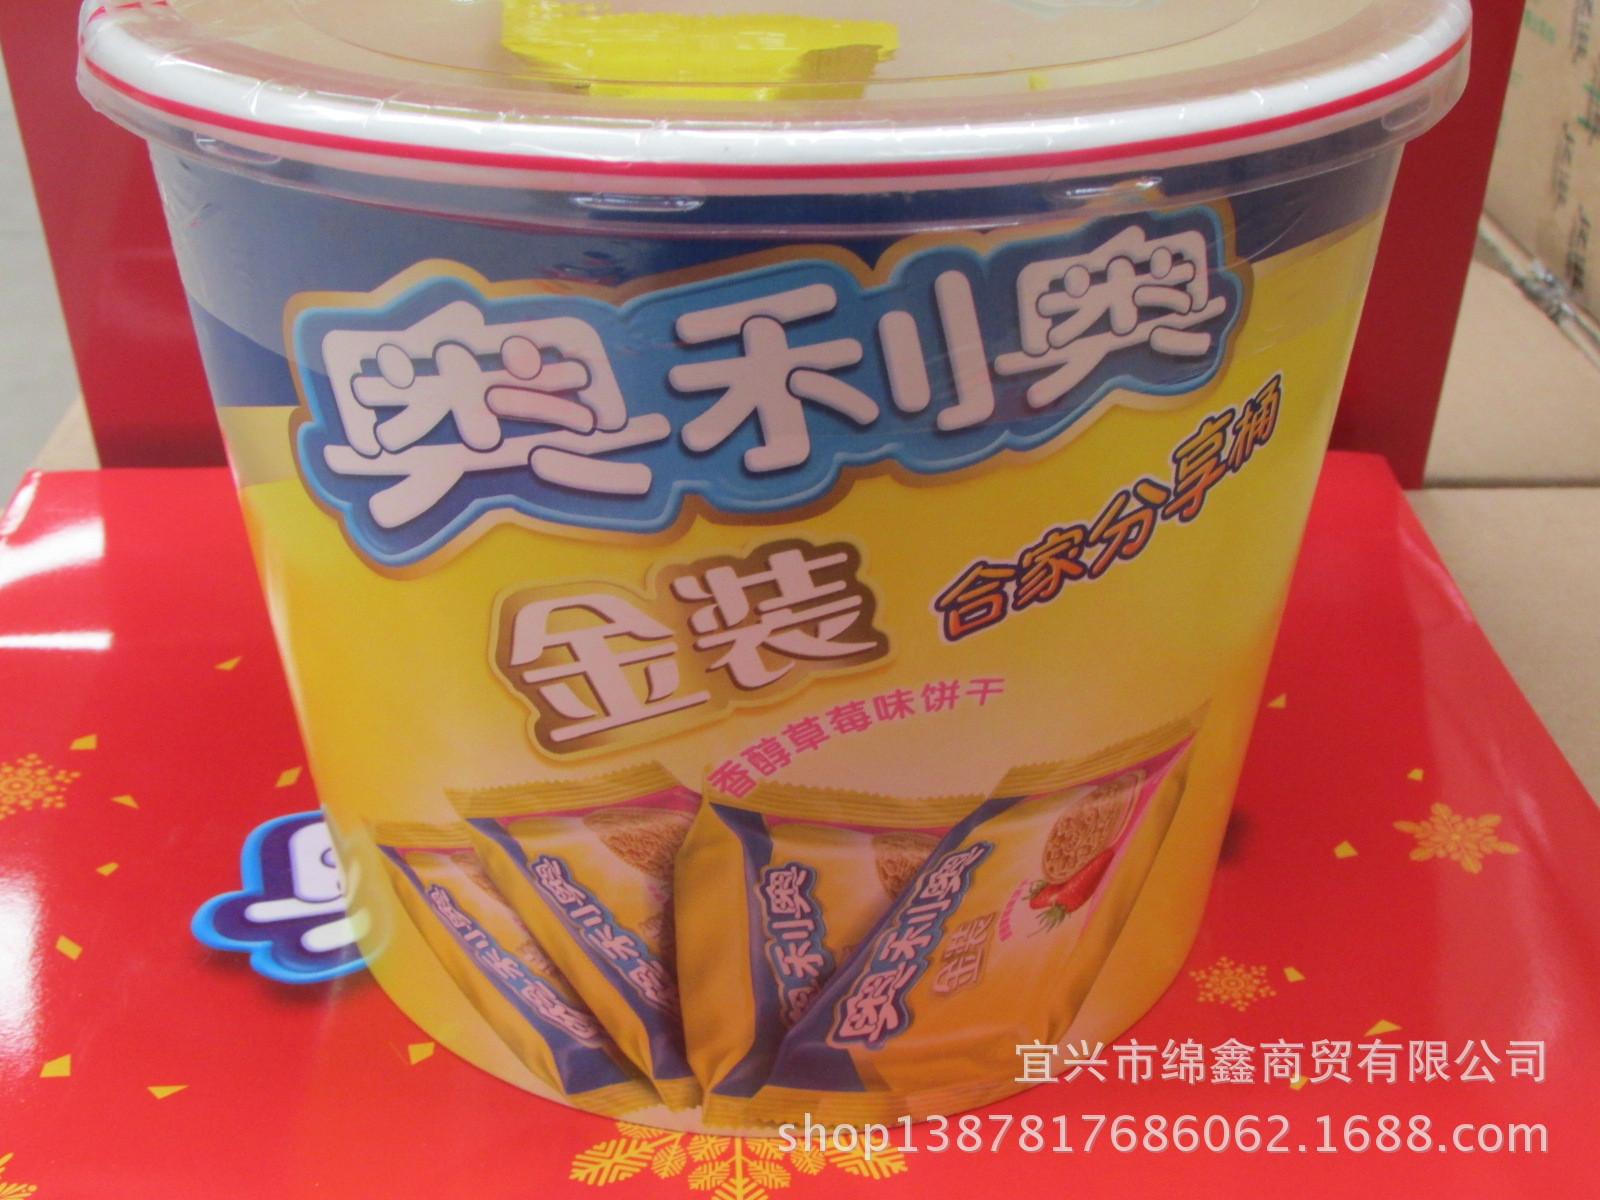 奥利奥夹心饼干缤纷双果蓝莓树莓味356g克 年货新年礼盒礼品 -饼干